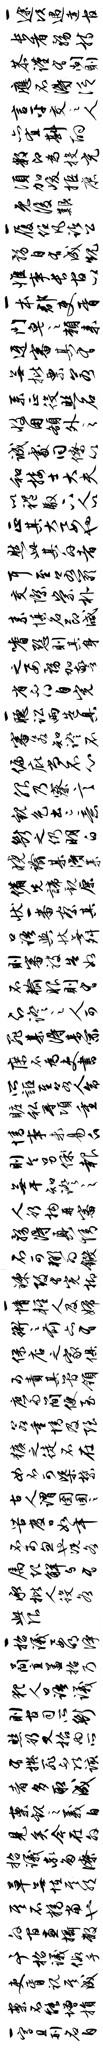 Văn Trưng Minh Hành Thảo Thư (Quá Đình Phục Ngôn Thập Tiết Quyển